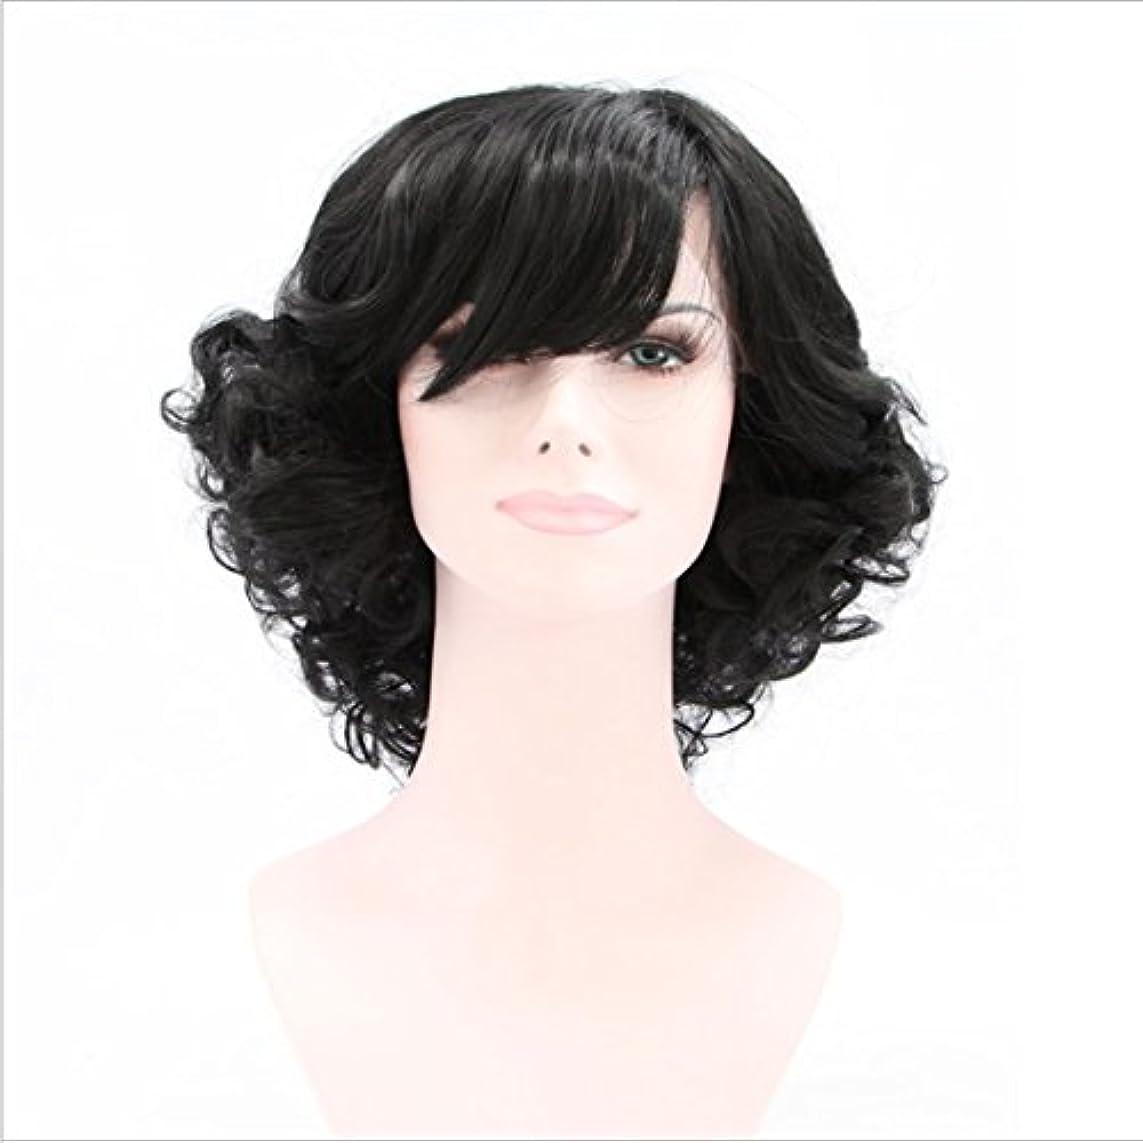 フローティング環境保護主義者周りYOUQIU フル?ハンドウィービングカーリーヘアウィッグのために斜め前髪ナチュラルブラックウィッグで高温シルク人工毛の女性のレースのフロント用ショートカーリーウィッグ (色 : 黒)